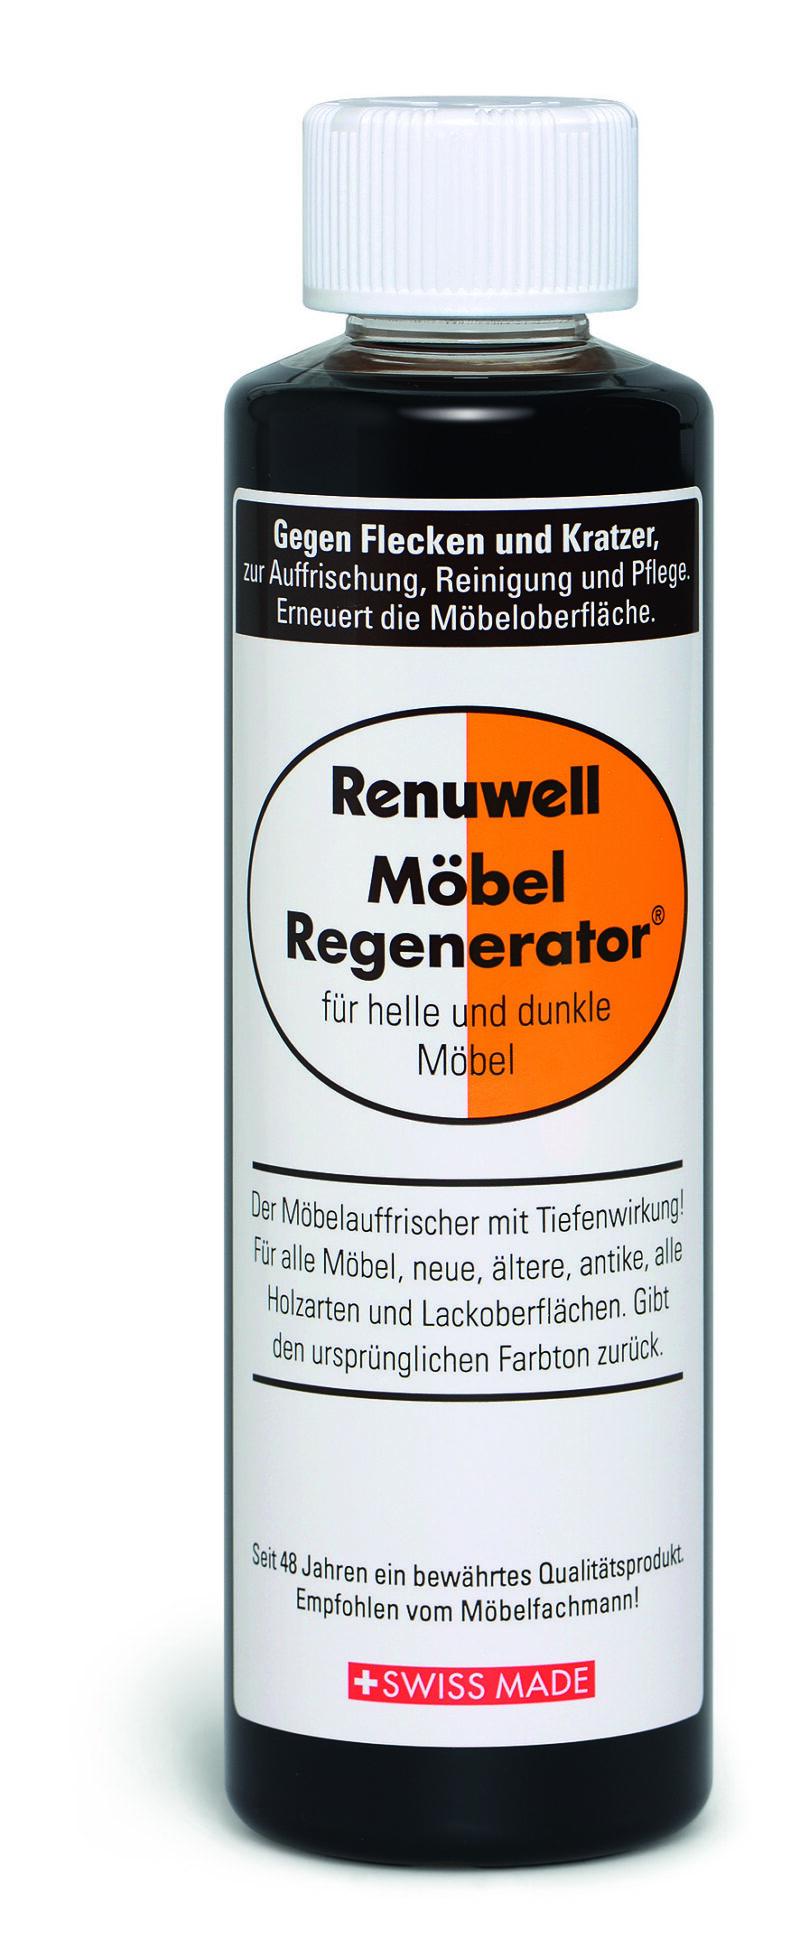 Renuwell Möbel Regenerator